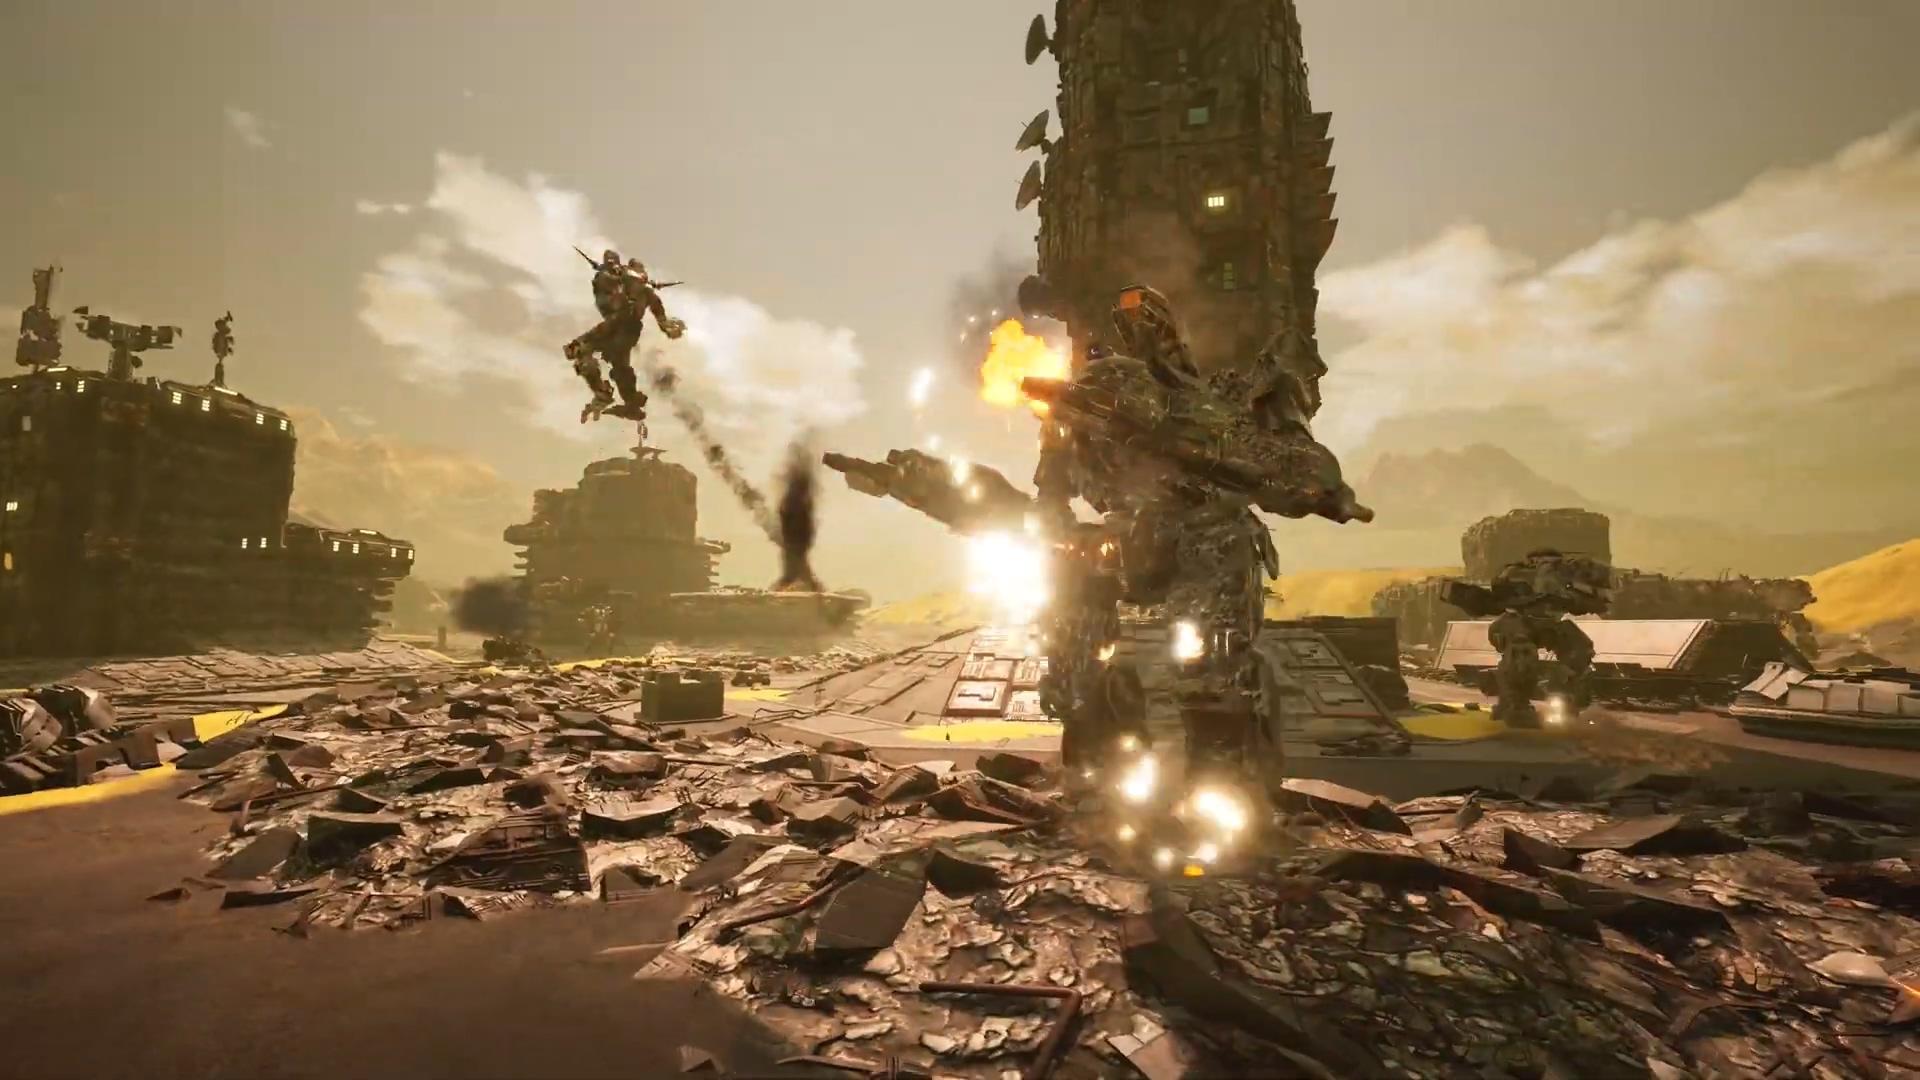 《机甲战士5:雇佣兵》添加跨平台联机功能 游戏宣布降价